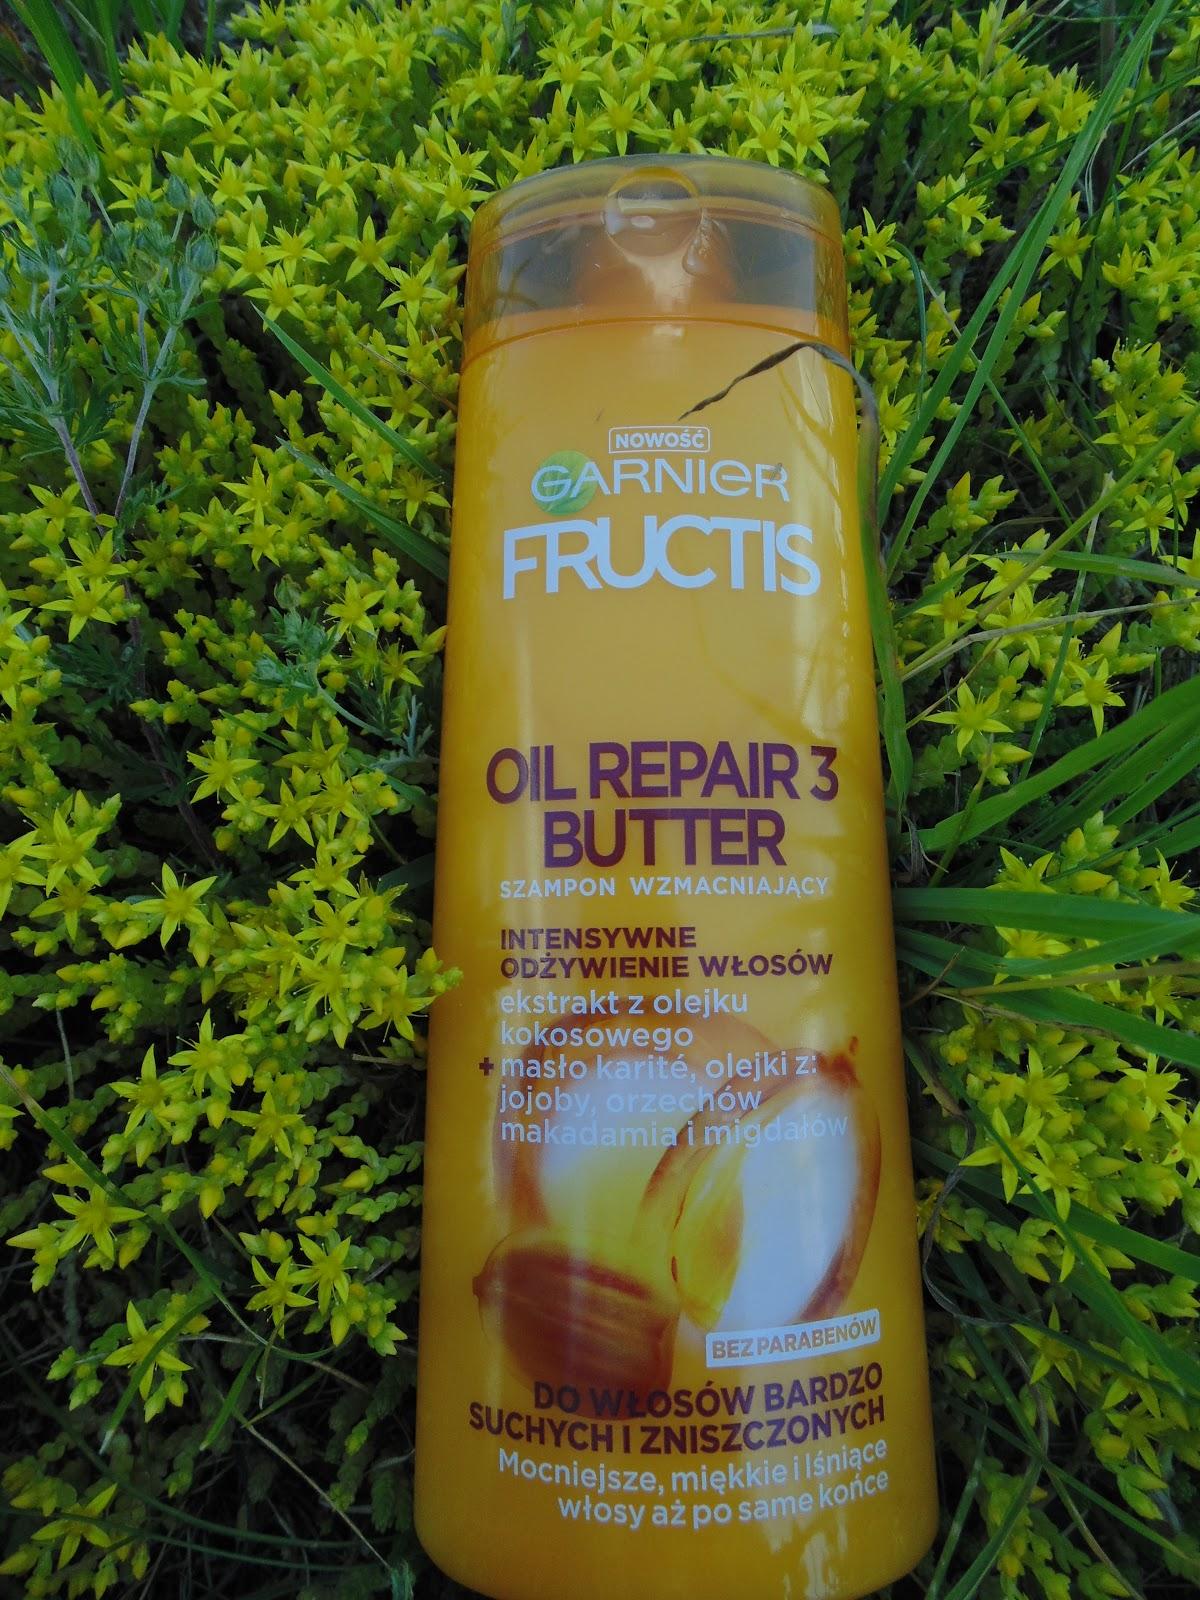 Garnier fructis Oil Repair 3 butter szampon do włosów bardzo suchych i zniszczonych